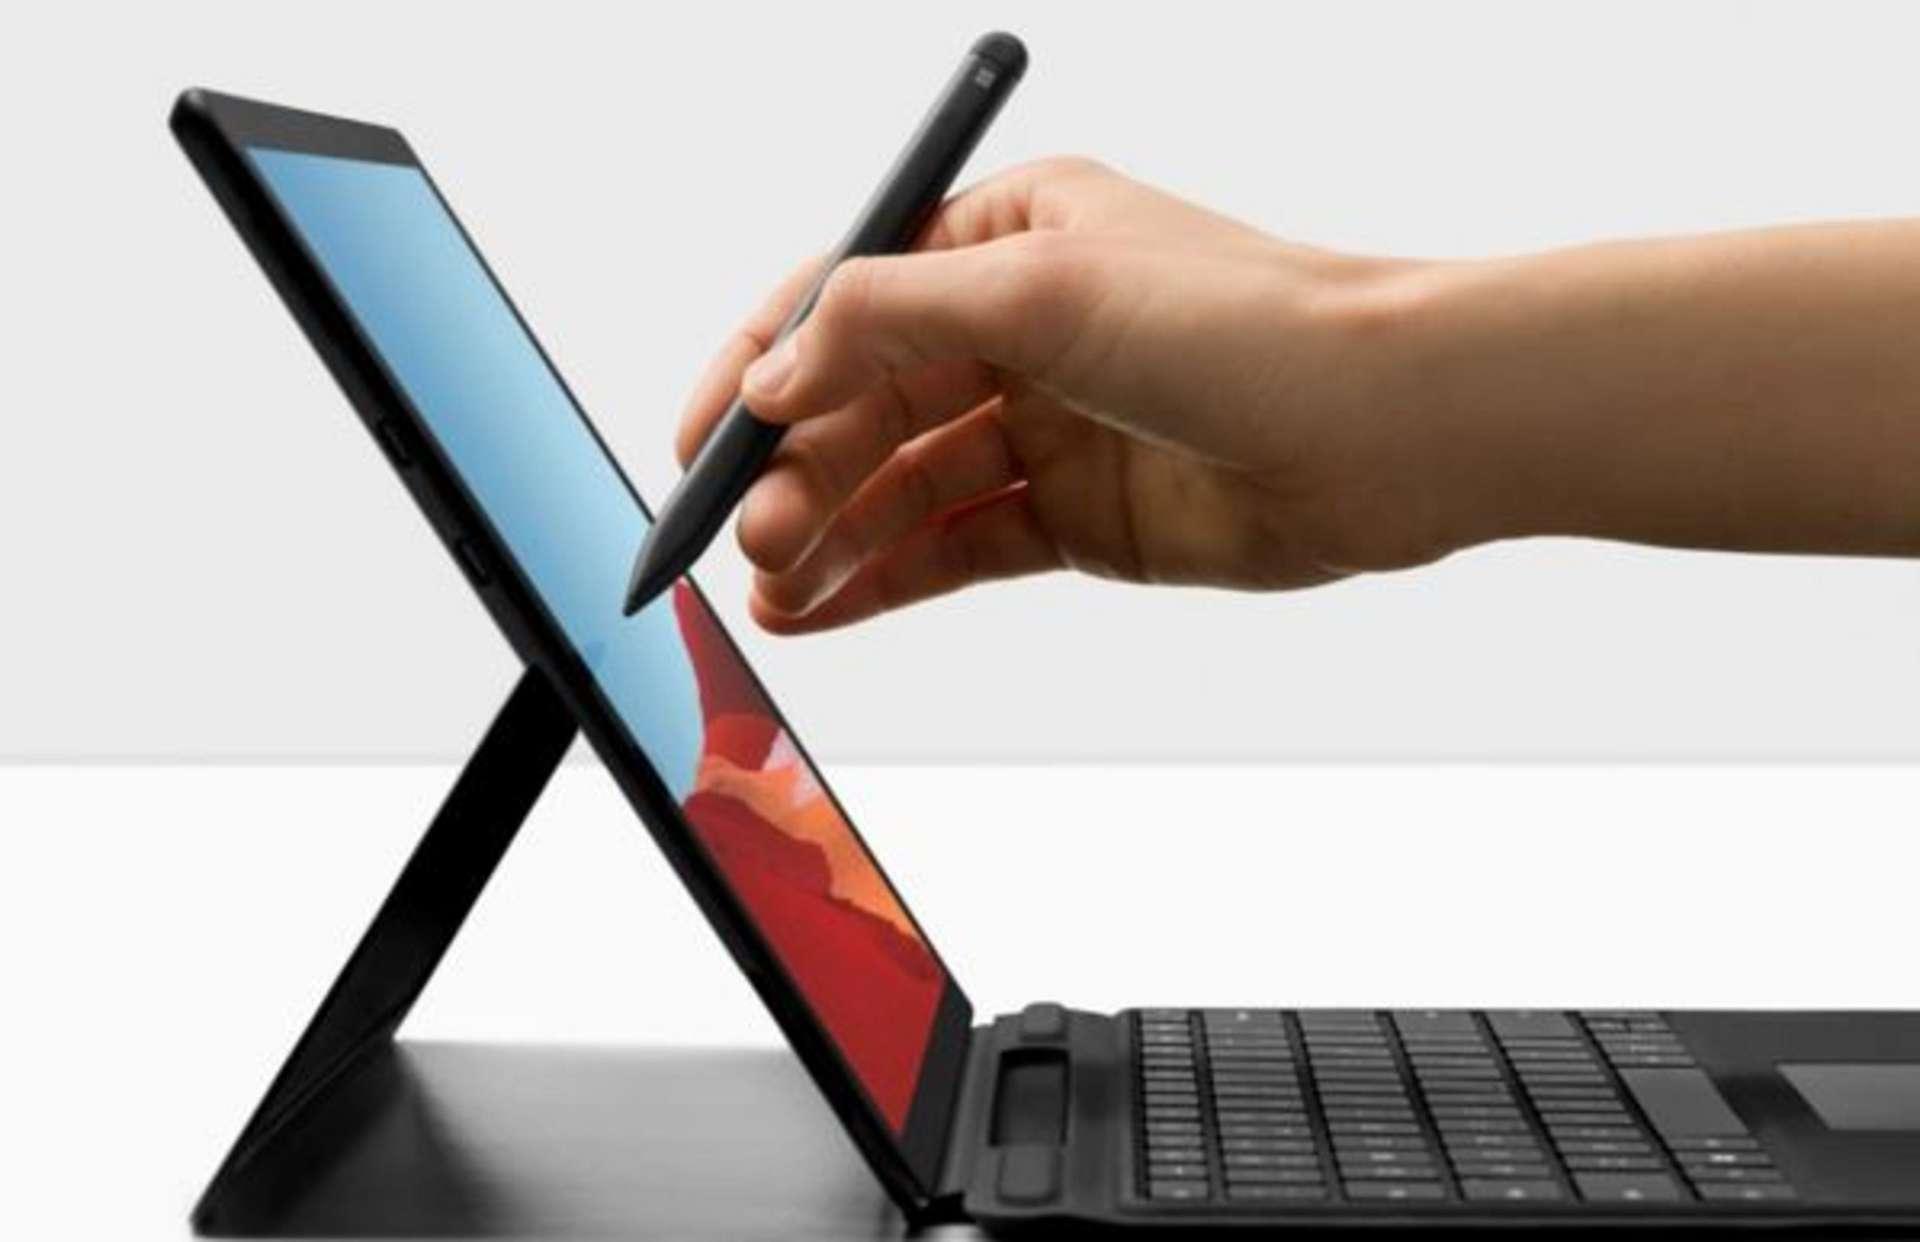 Avec un écran tactile 13 pouces et 16 Go de RAM, le Surface Pro X dispose d'une autonomie de plus de 13 heures. Bénéficiez de 600 € de réduction. © Microsoft.